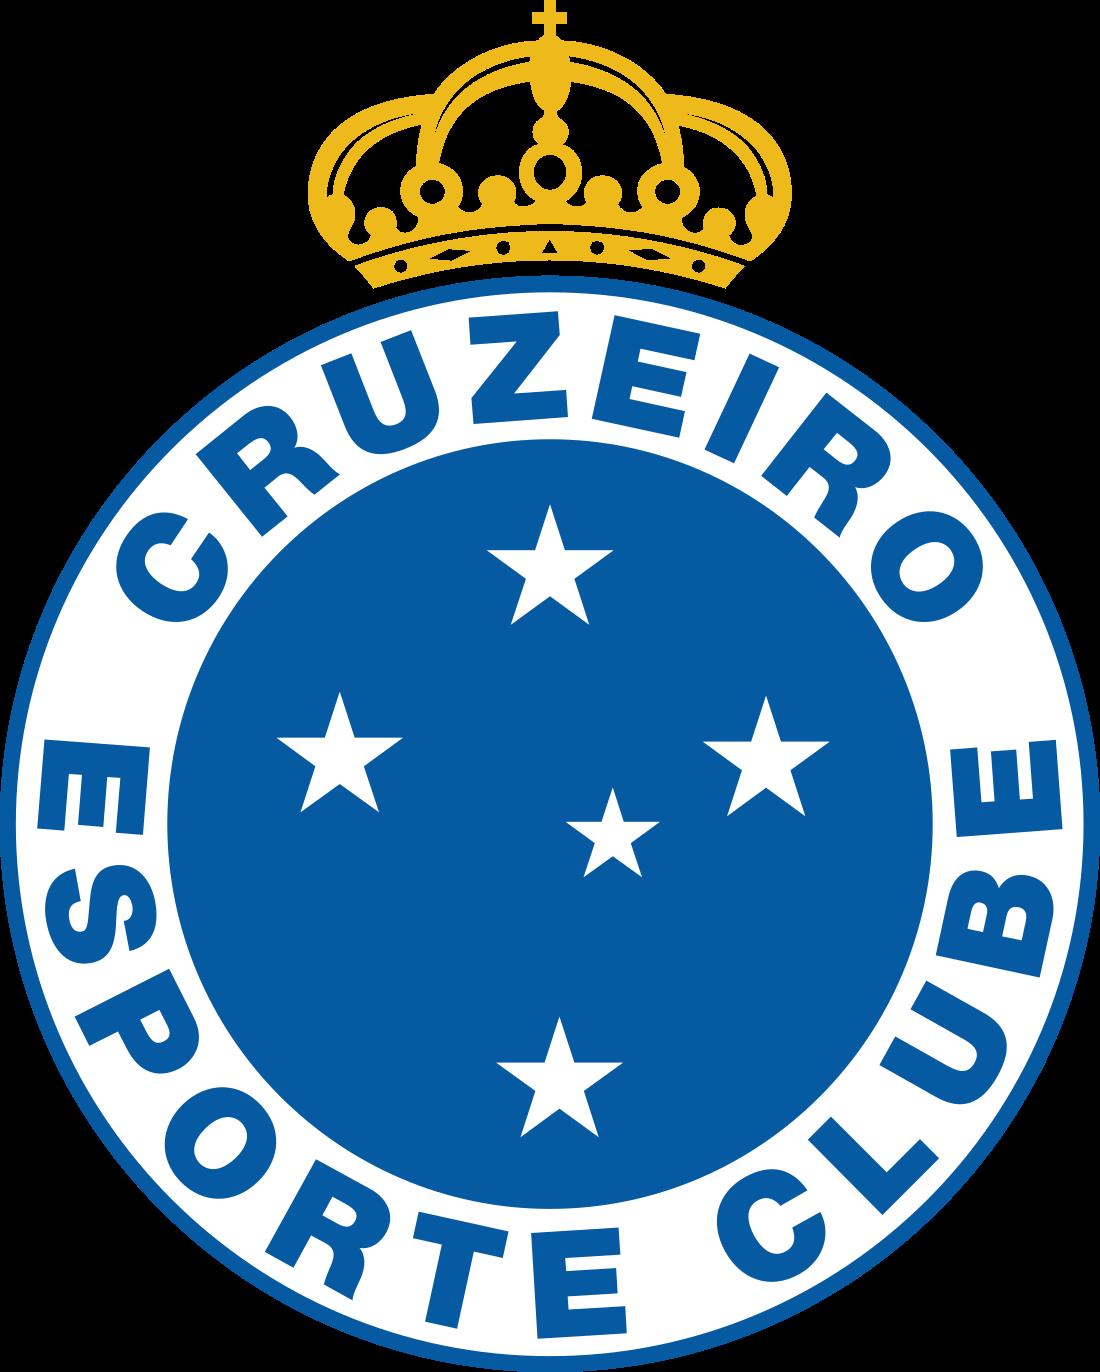 cruzeiro logo escudo 10  - Cruzeiro EC Logo